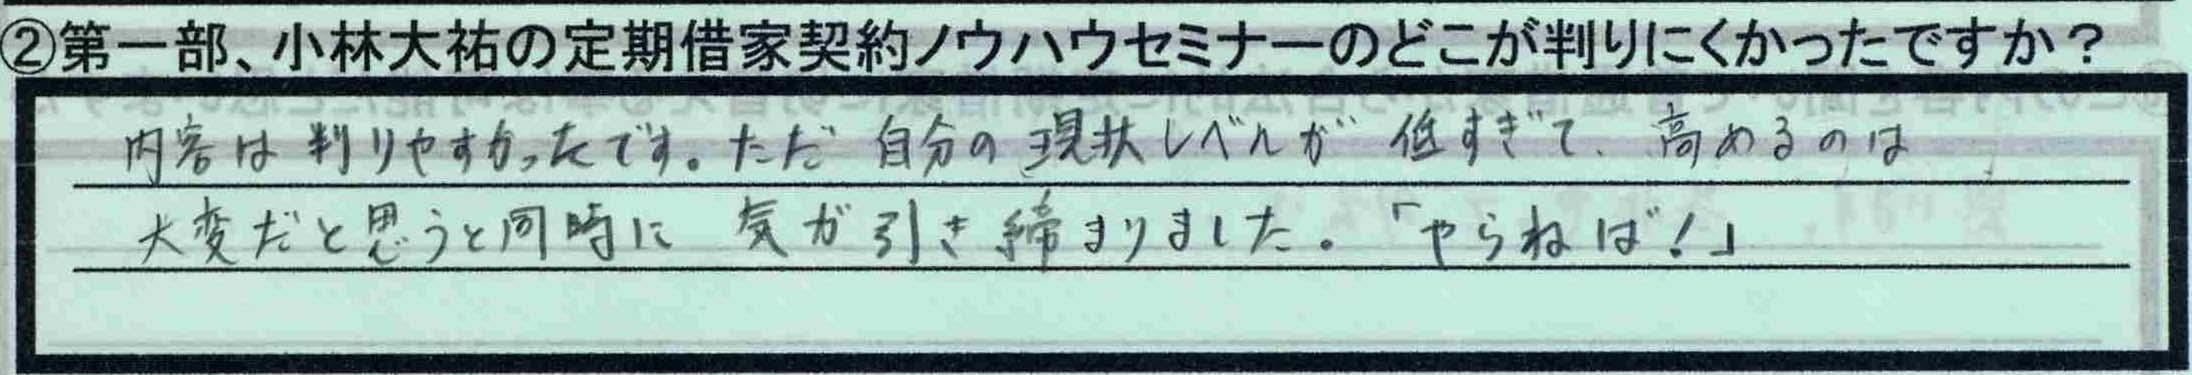 【愛知県名古屋市】【奥村秀喜さん】【どこが判りにくかったか?】